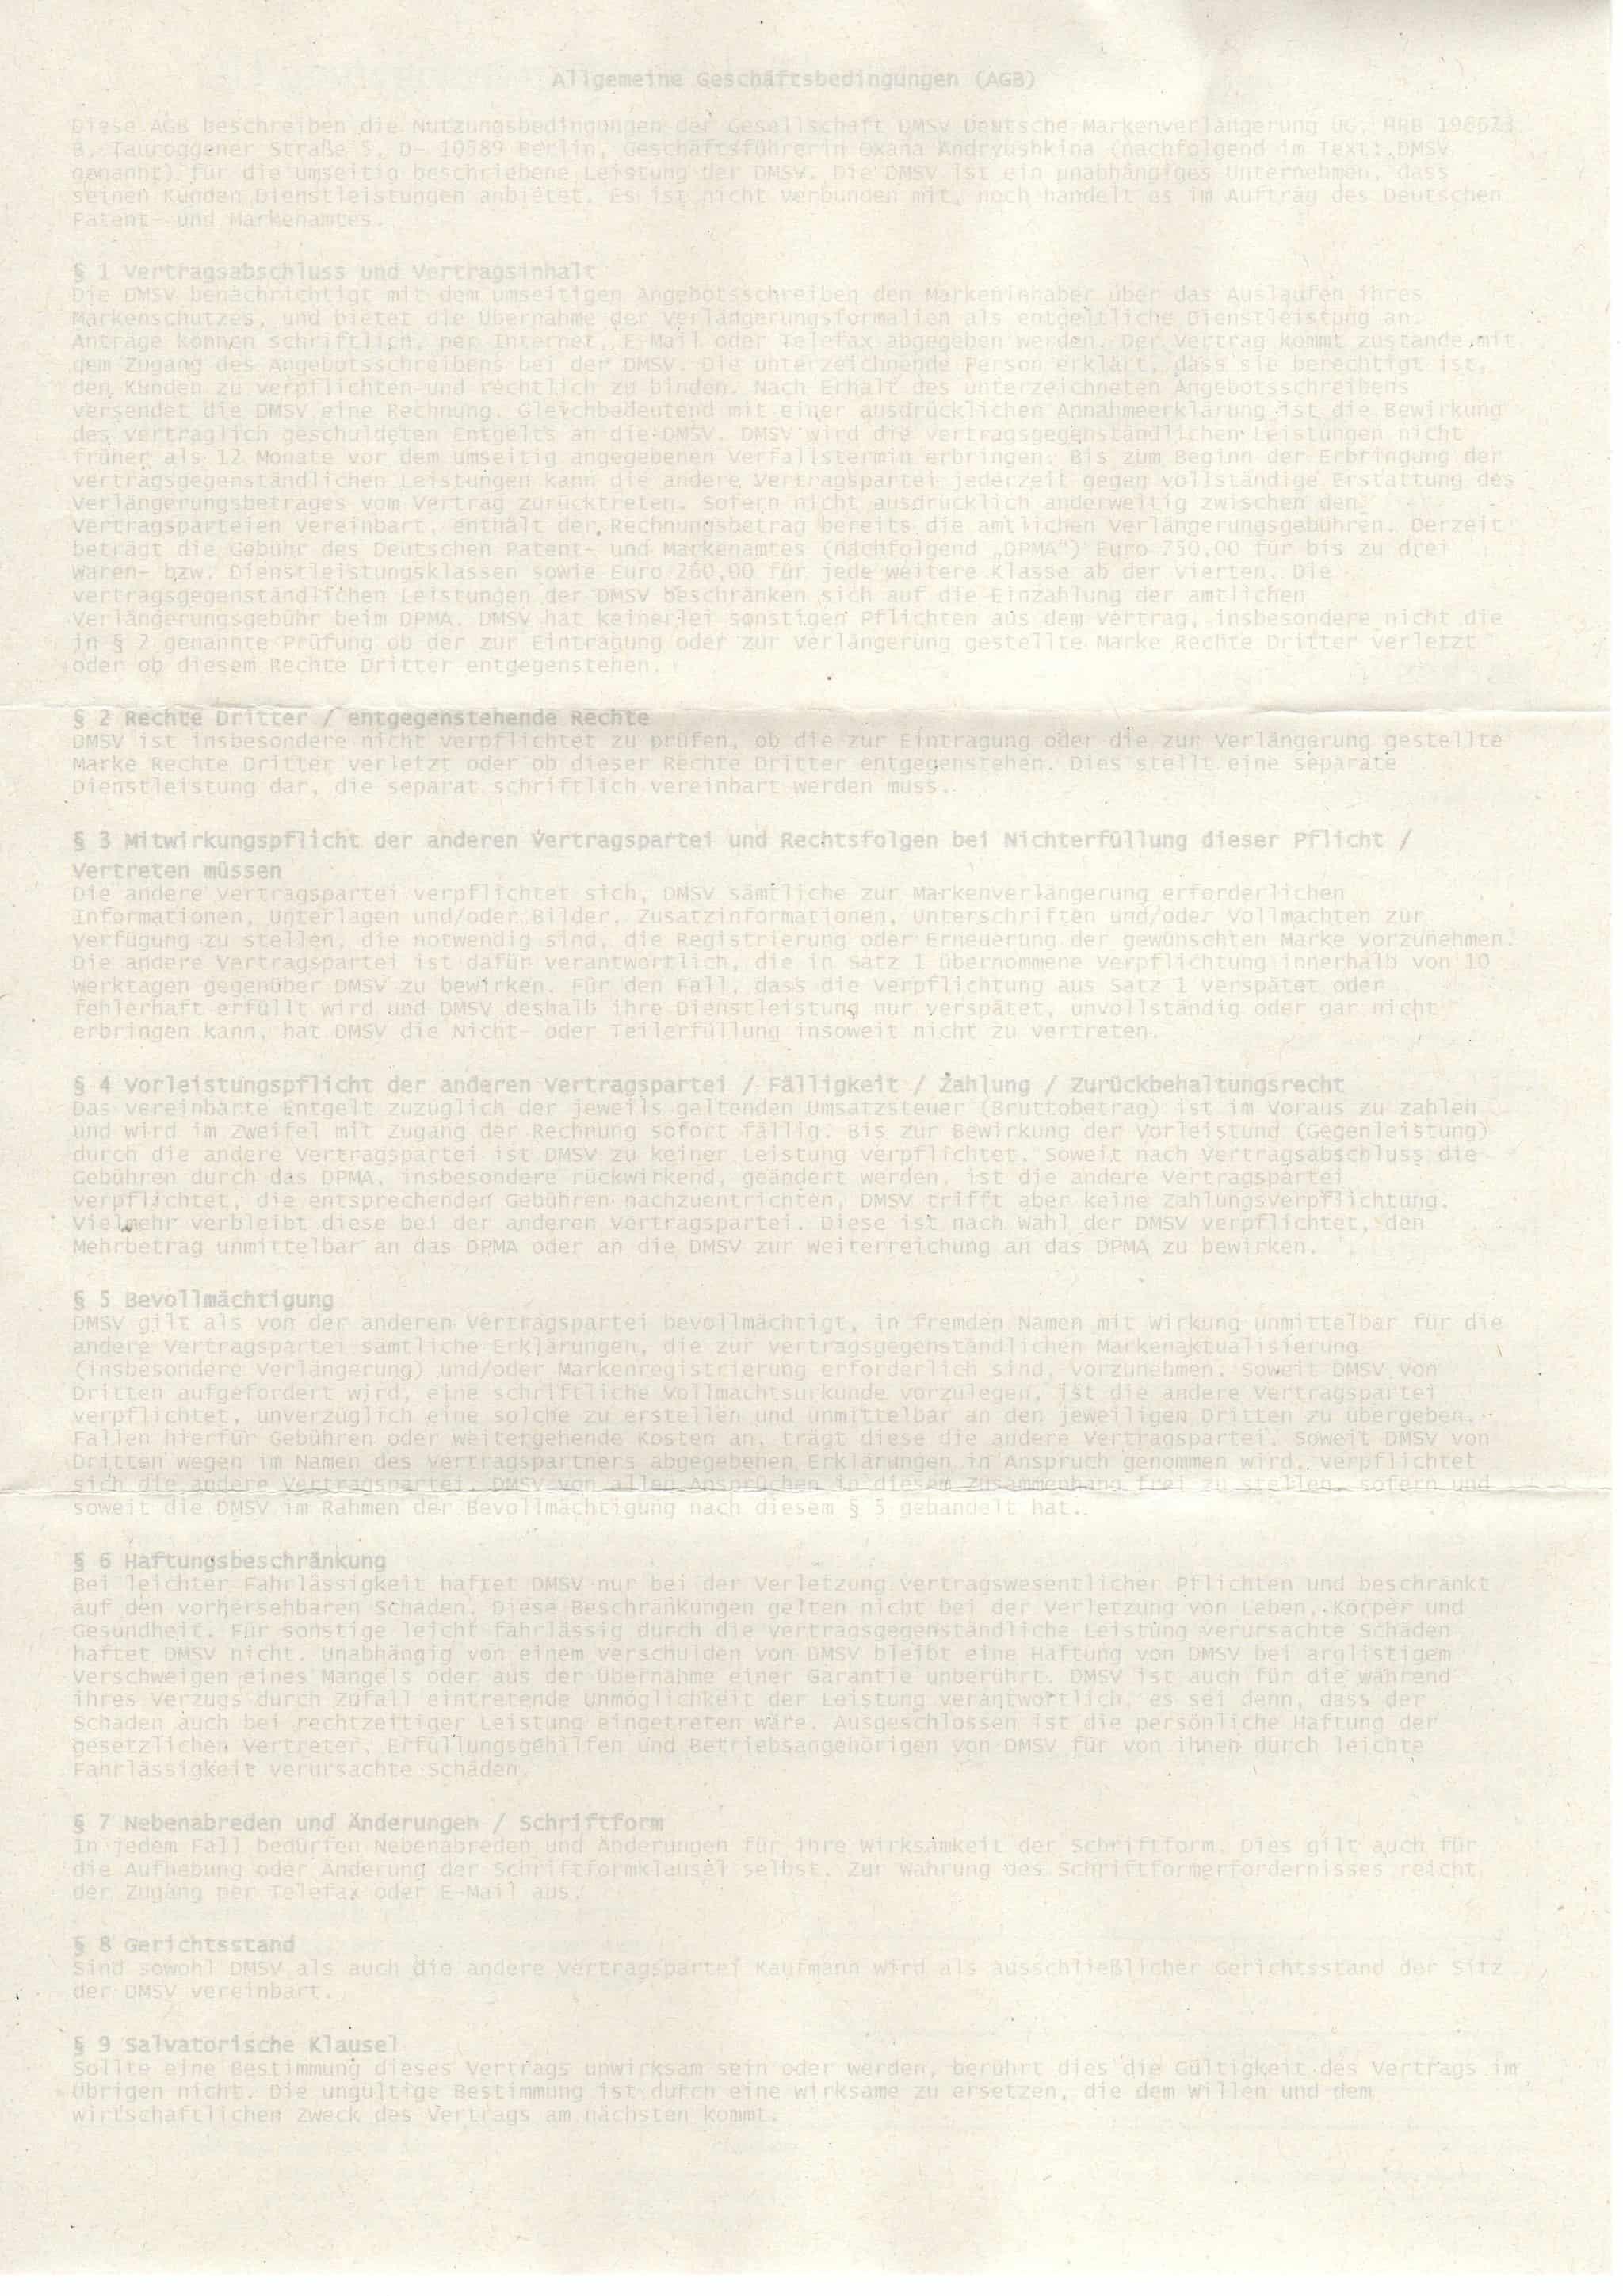 AGB der DMSV Deutsche Markenschutzverlängerung UG